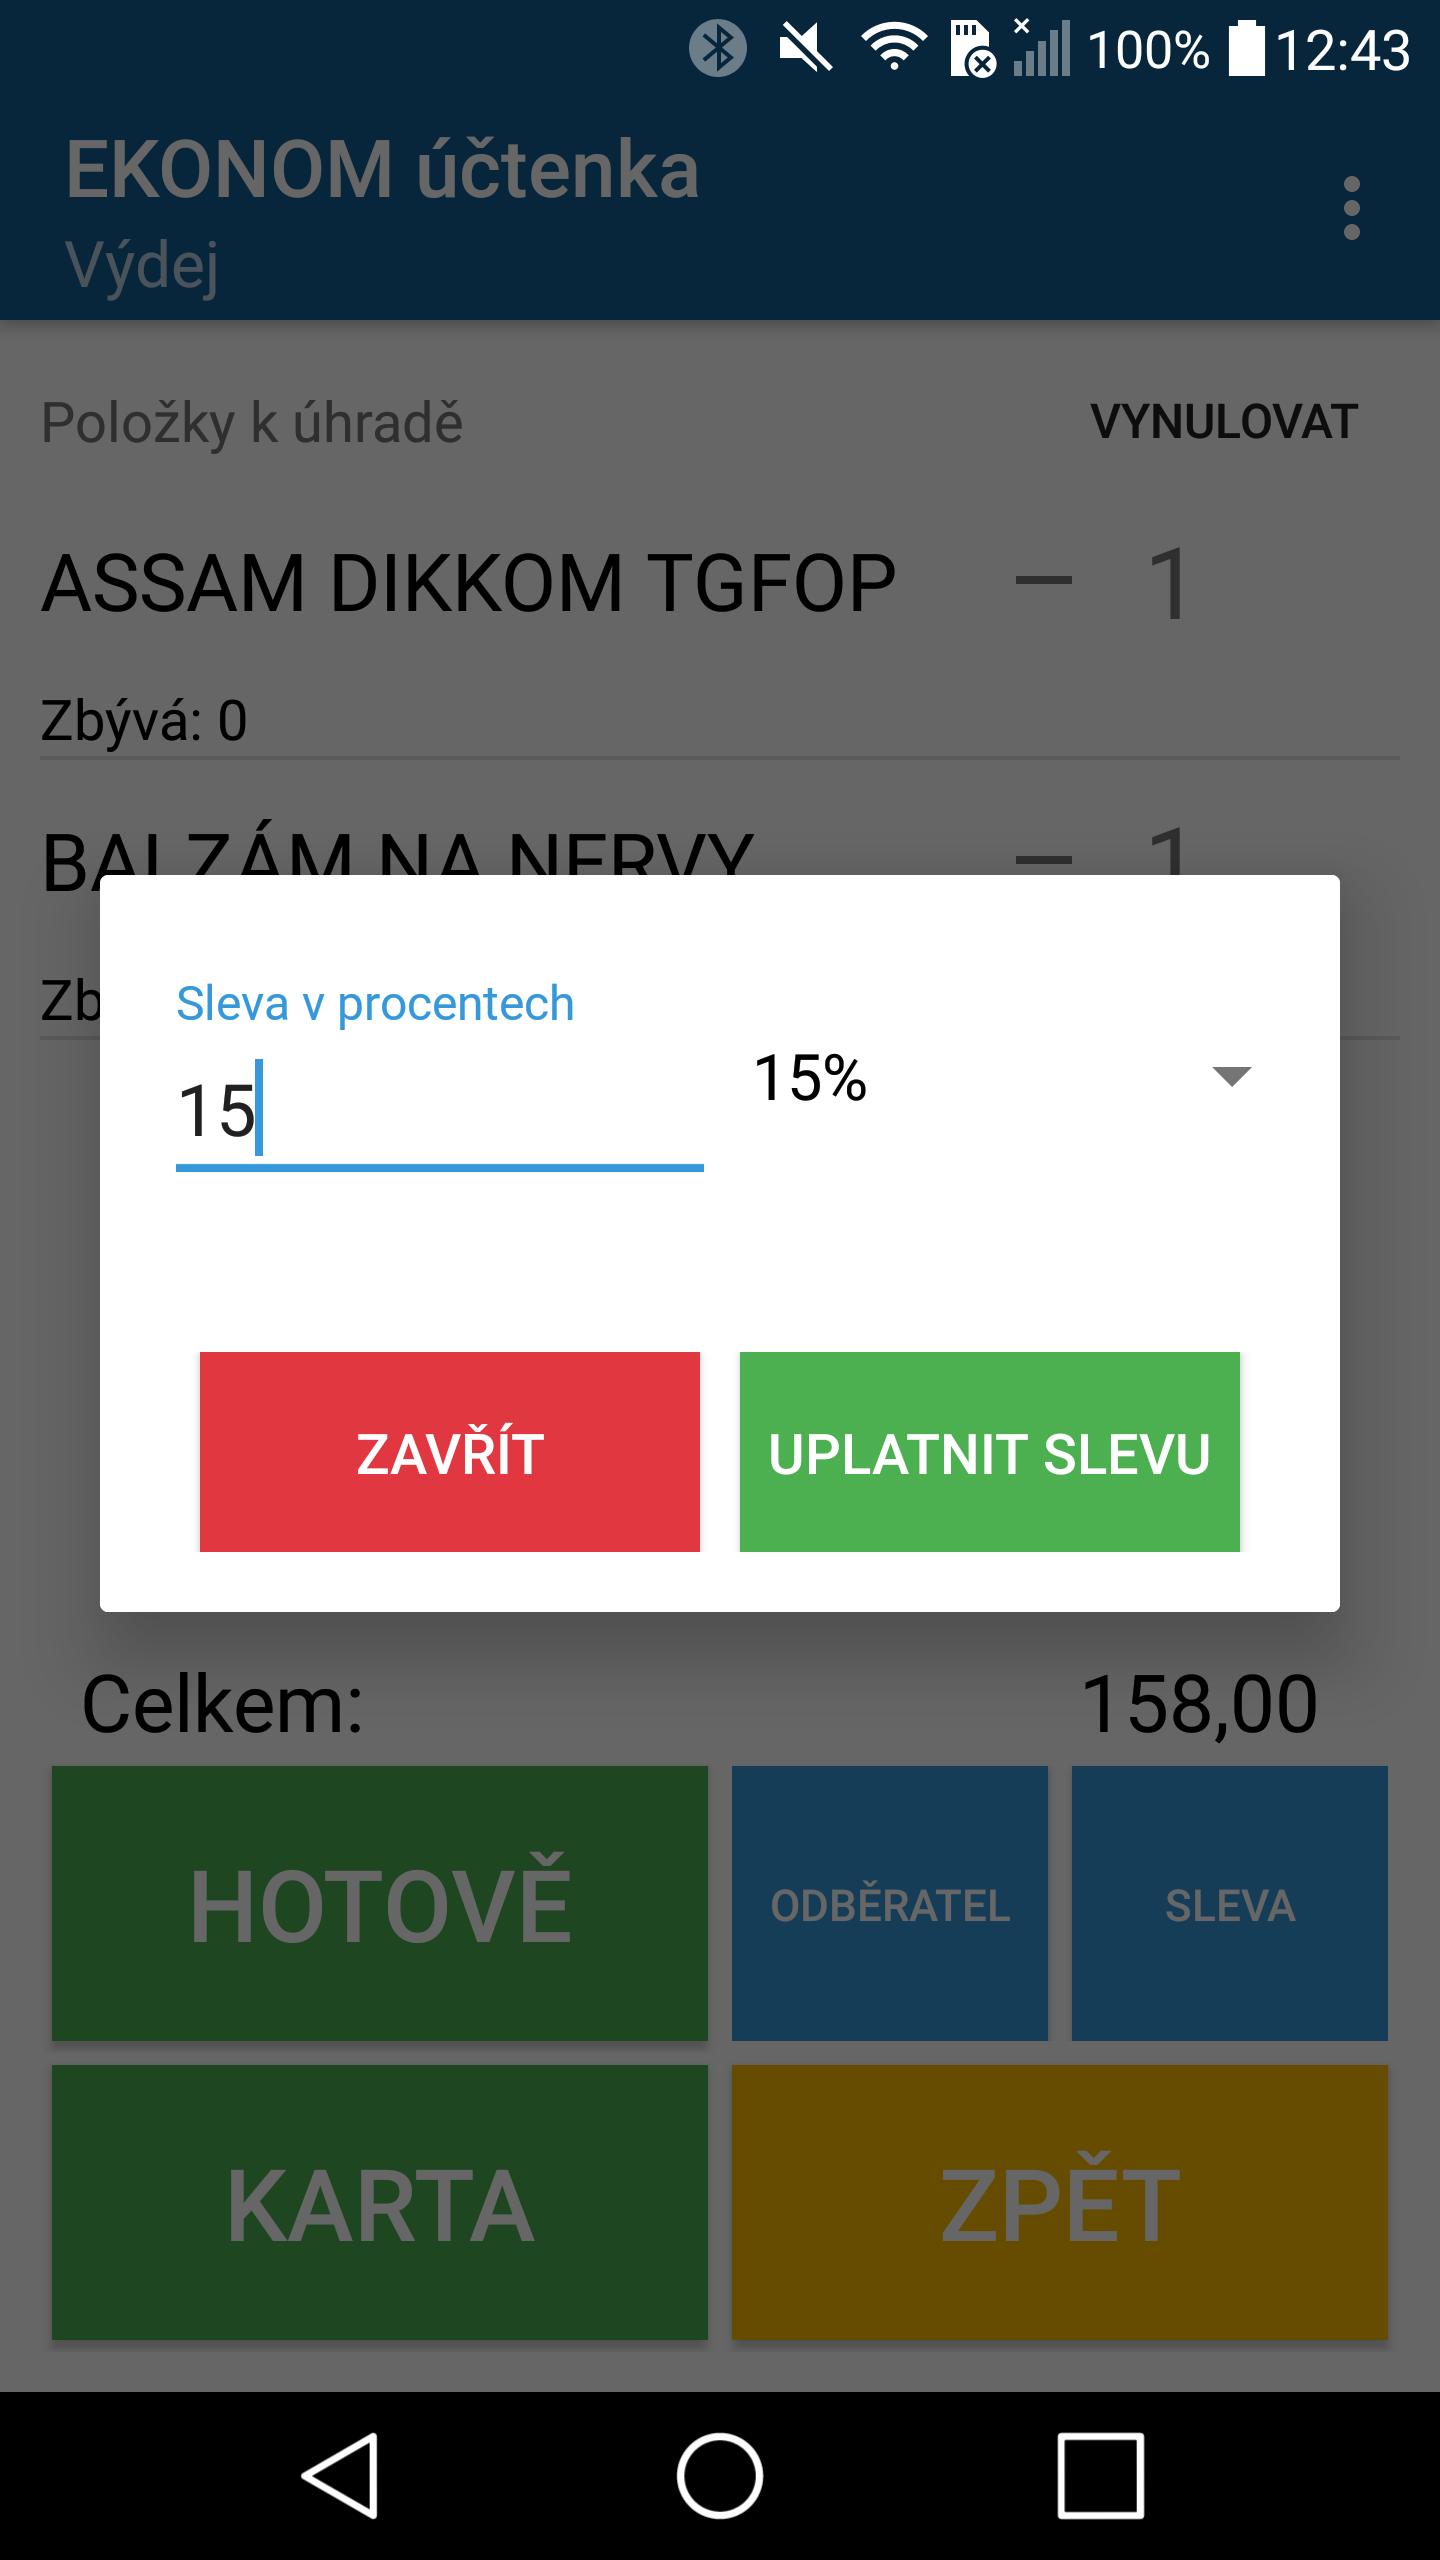 Ekonom Uctenka